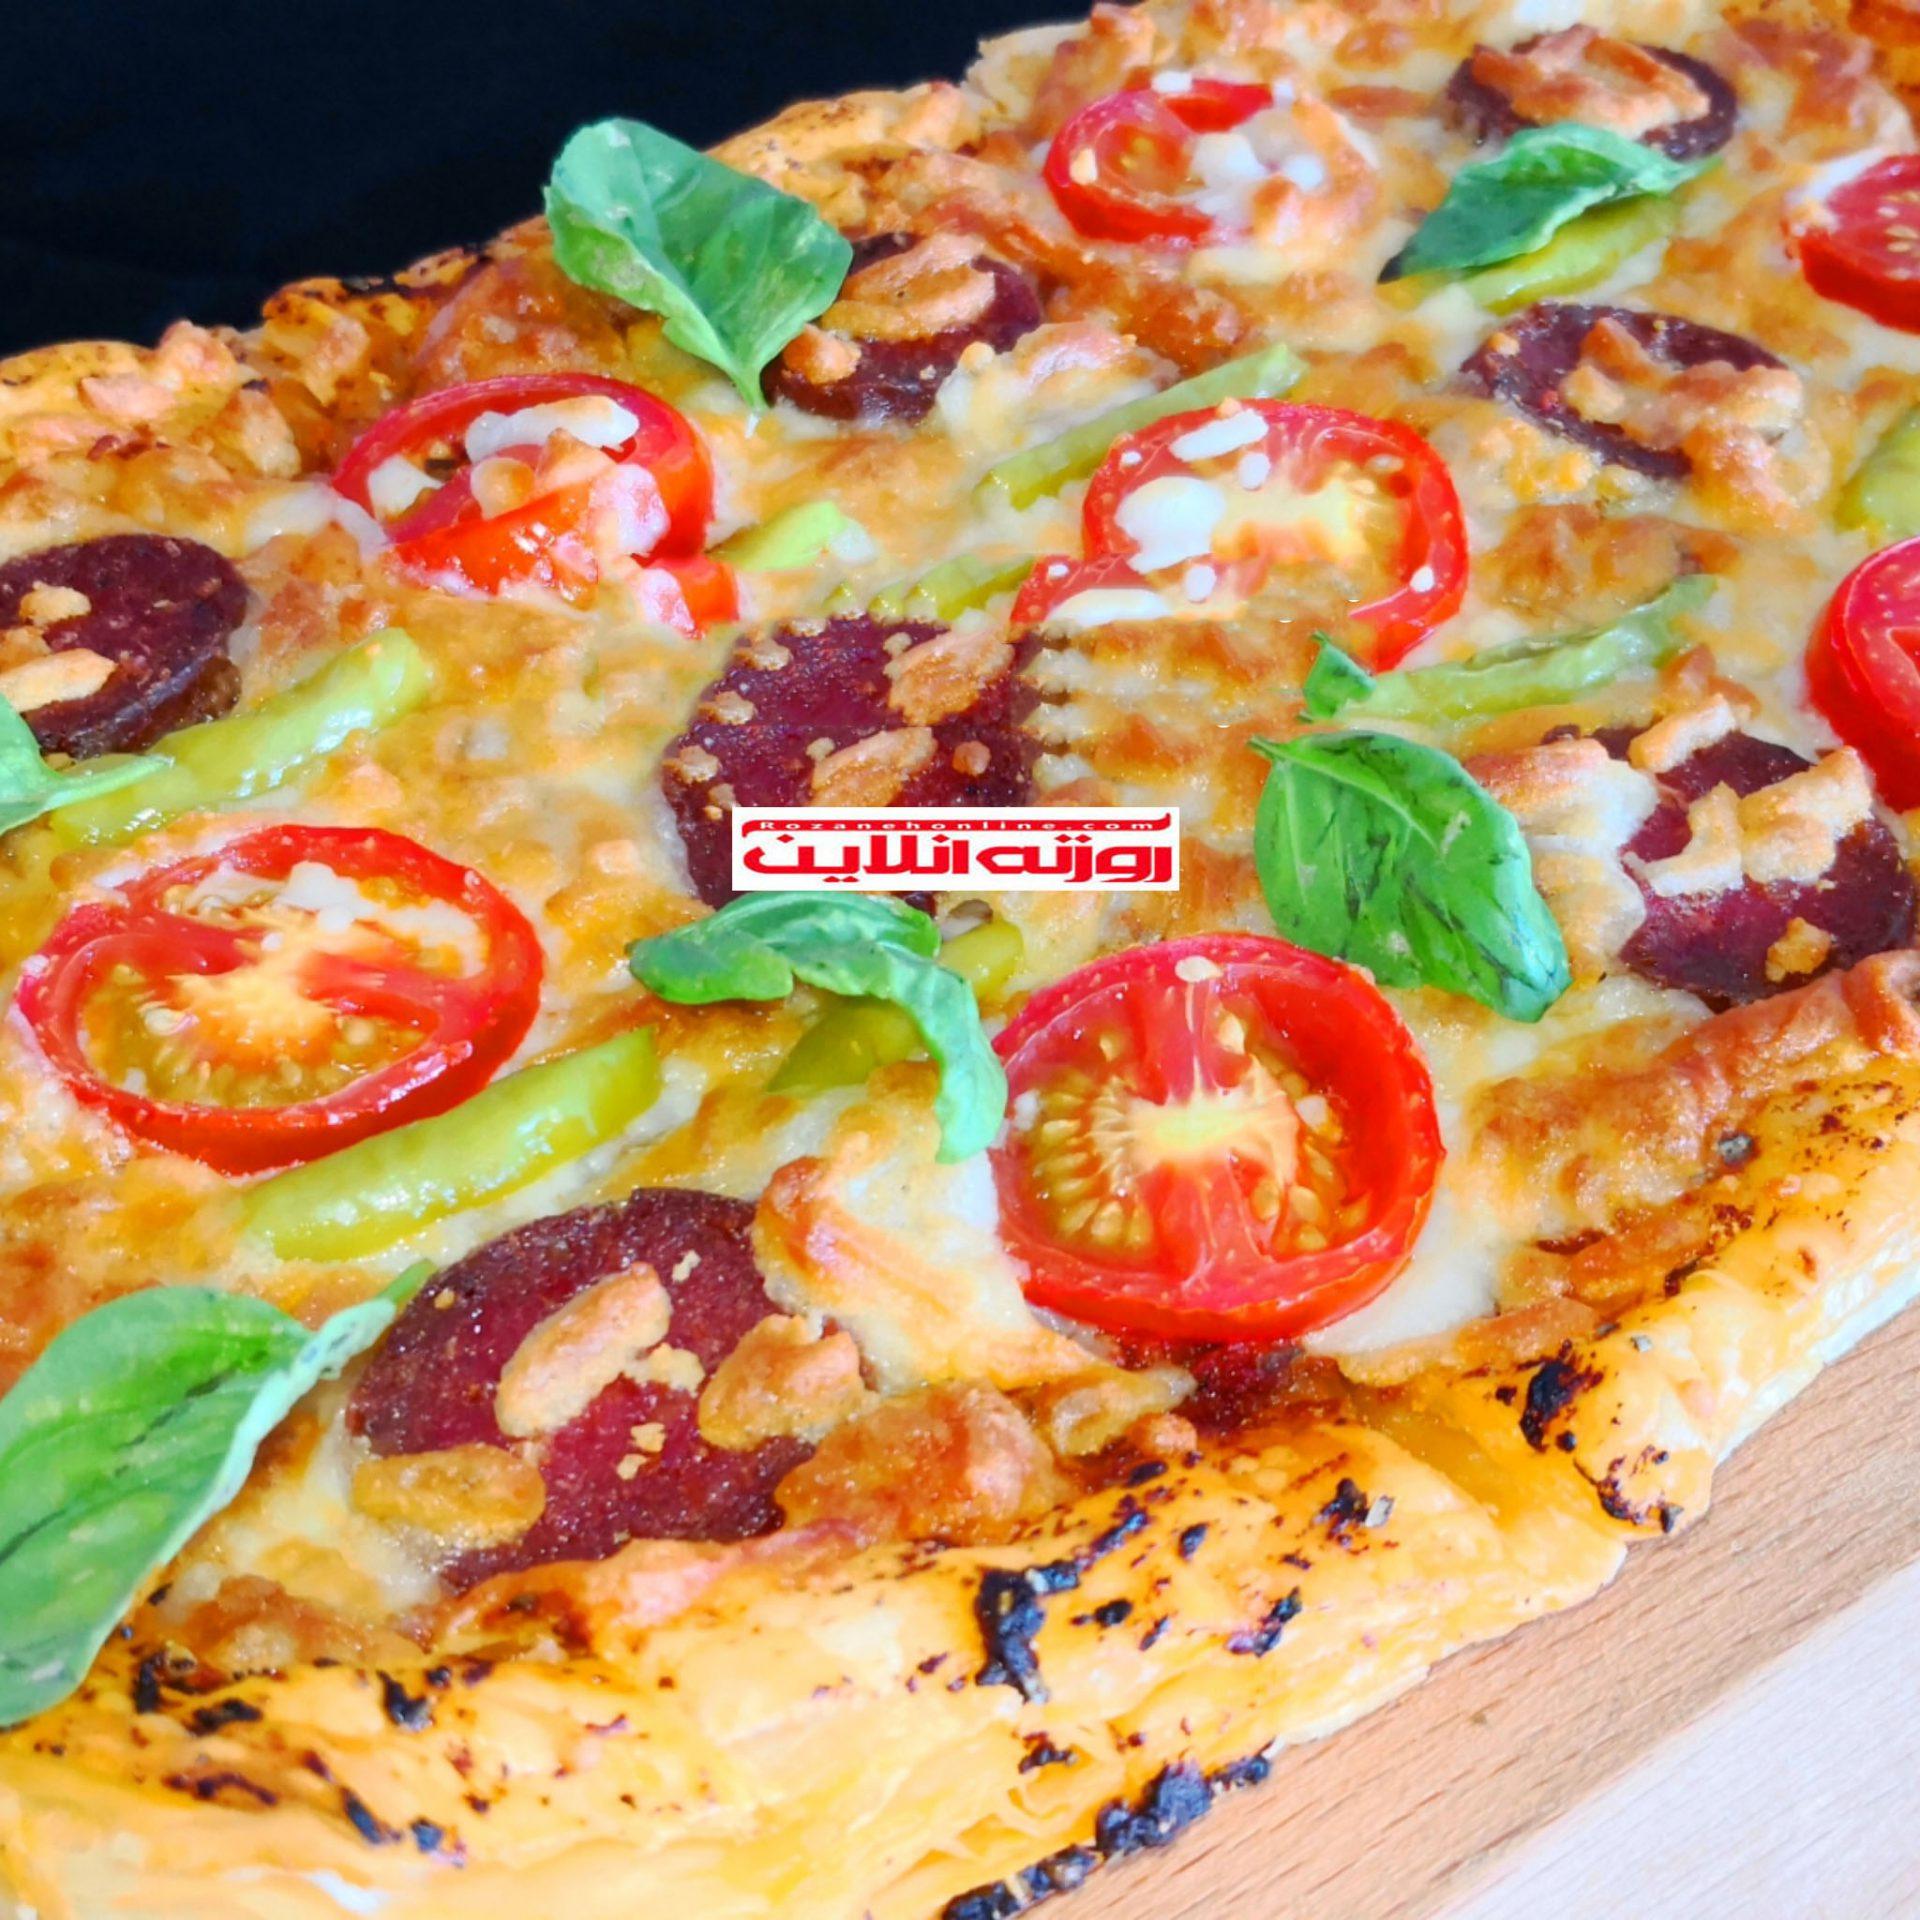 آموزش پیتزا با خمیر میل فوی و پنیر موزارلا